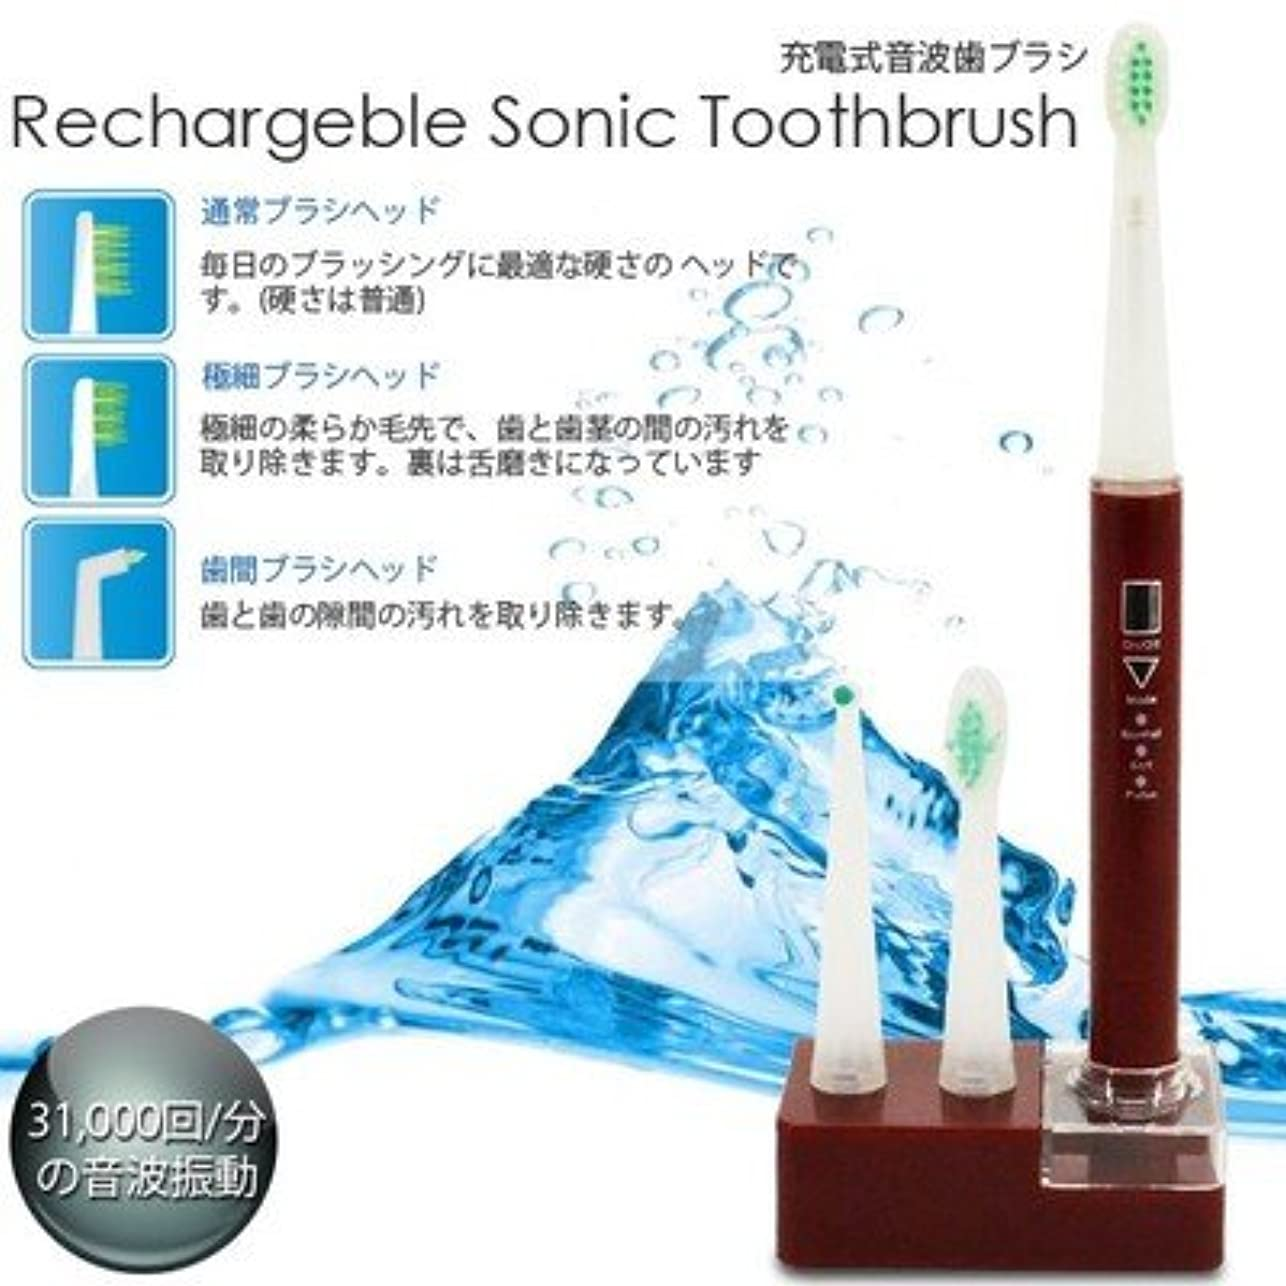 研磨銛成り立つ美容・衛生/充電式/音波歯ブラシ/3種類/ブラシ付属/RST-2062/赤